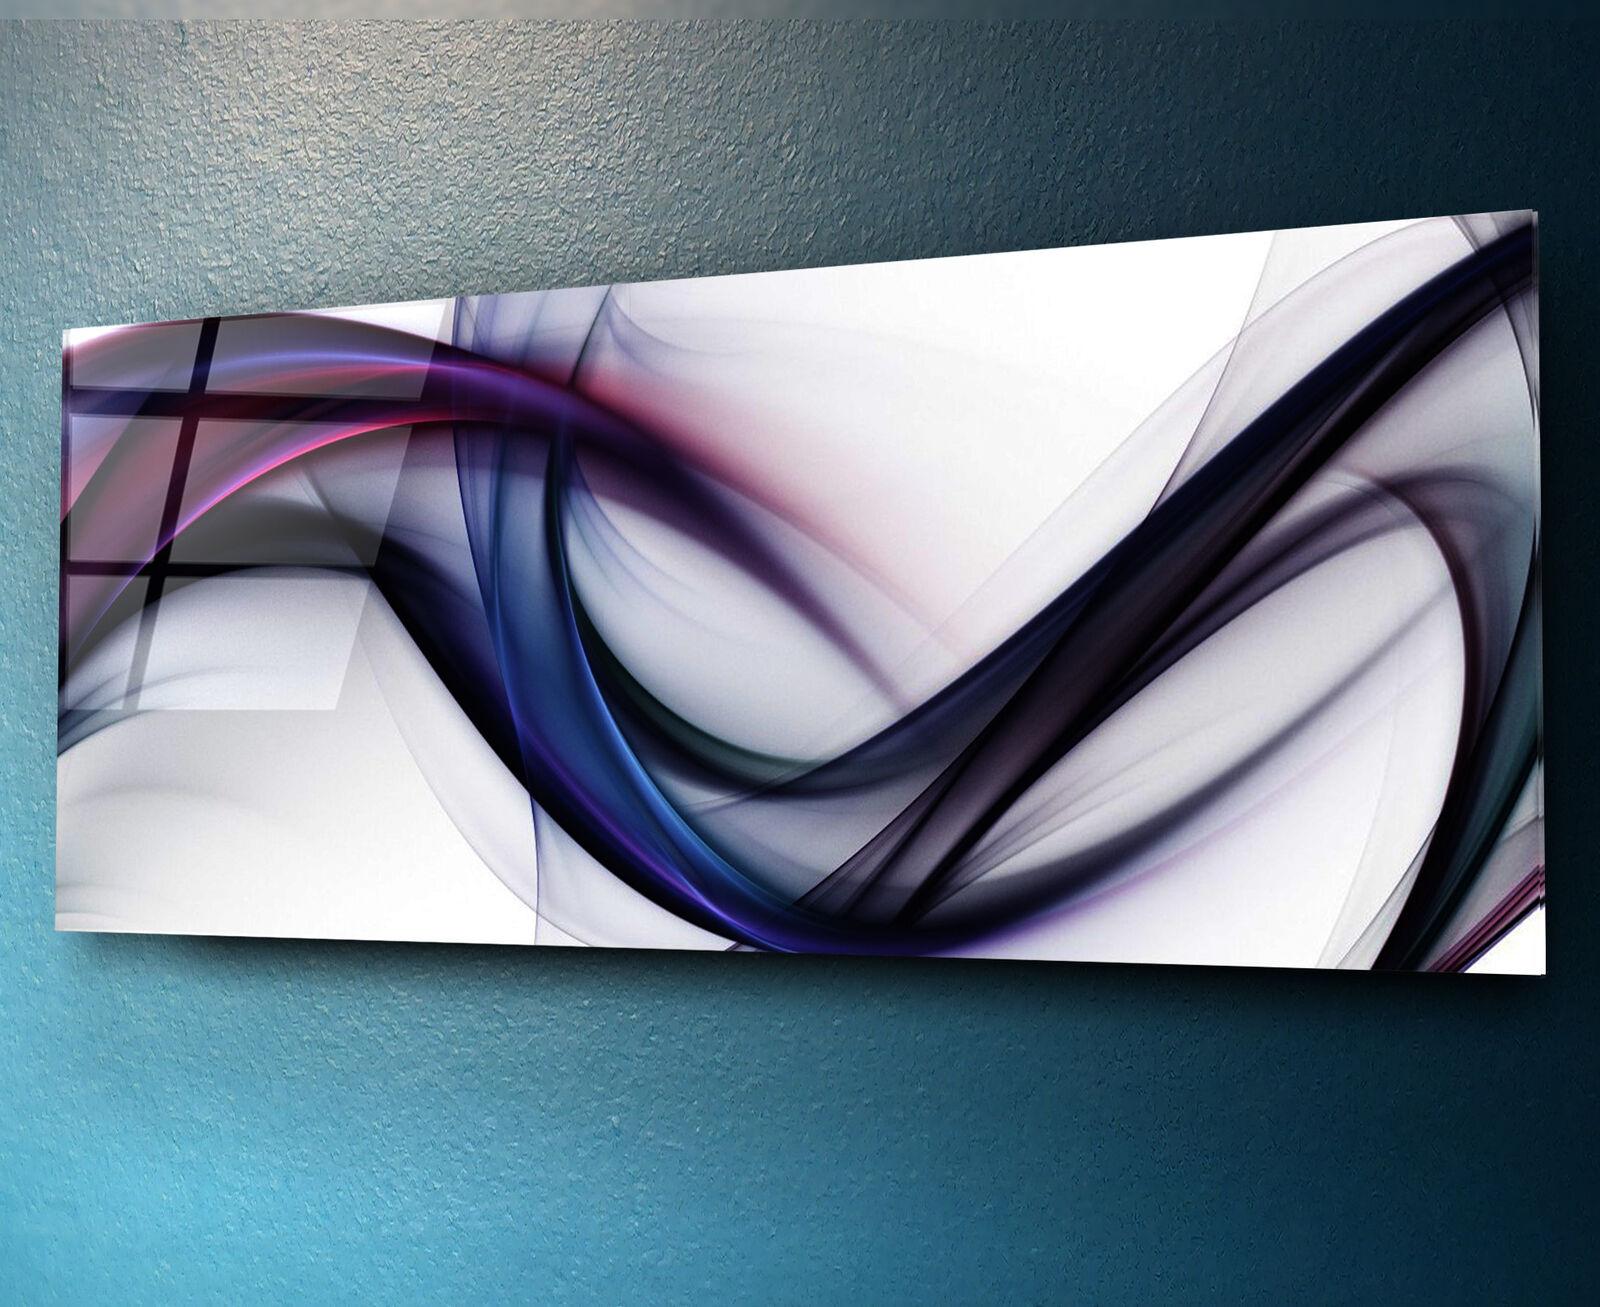 VETRO Stampa Wall Art 125x50cm Immagine Su Vetro Decorativo Muro Foto 33318394